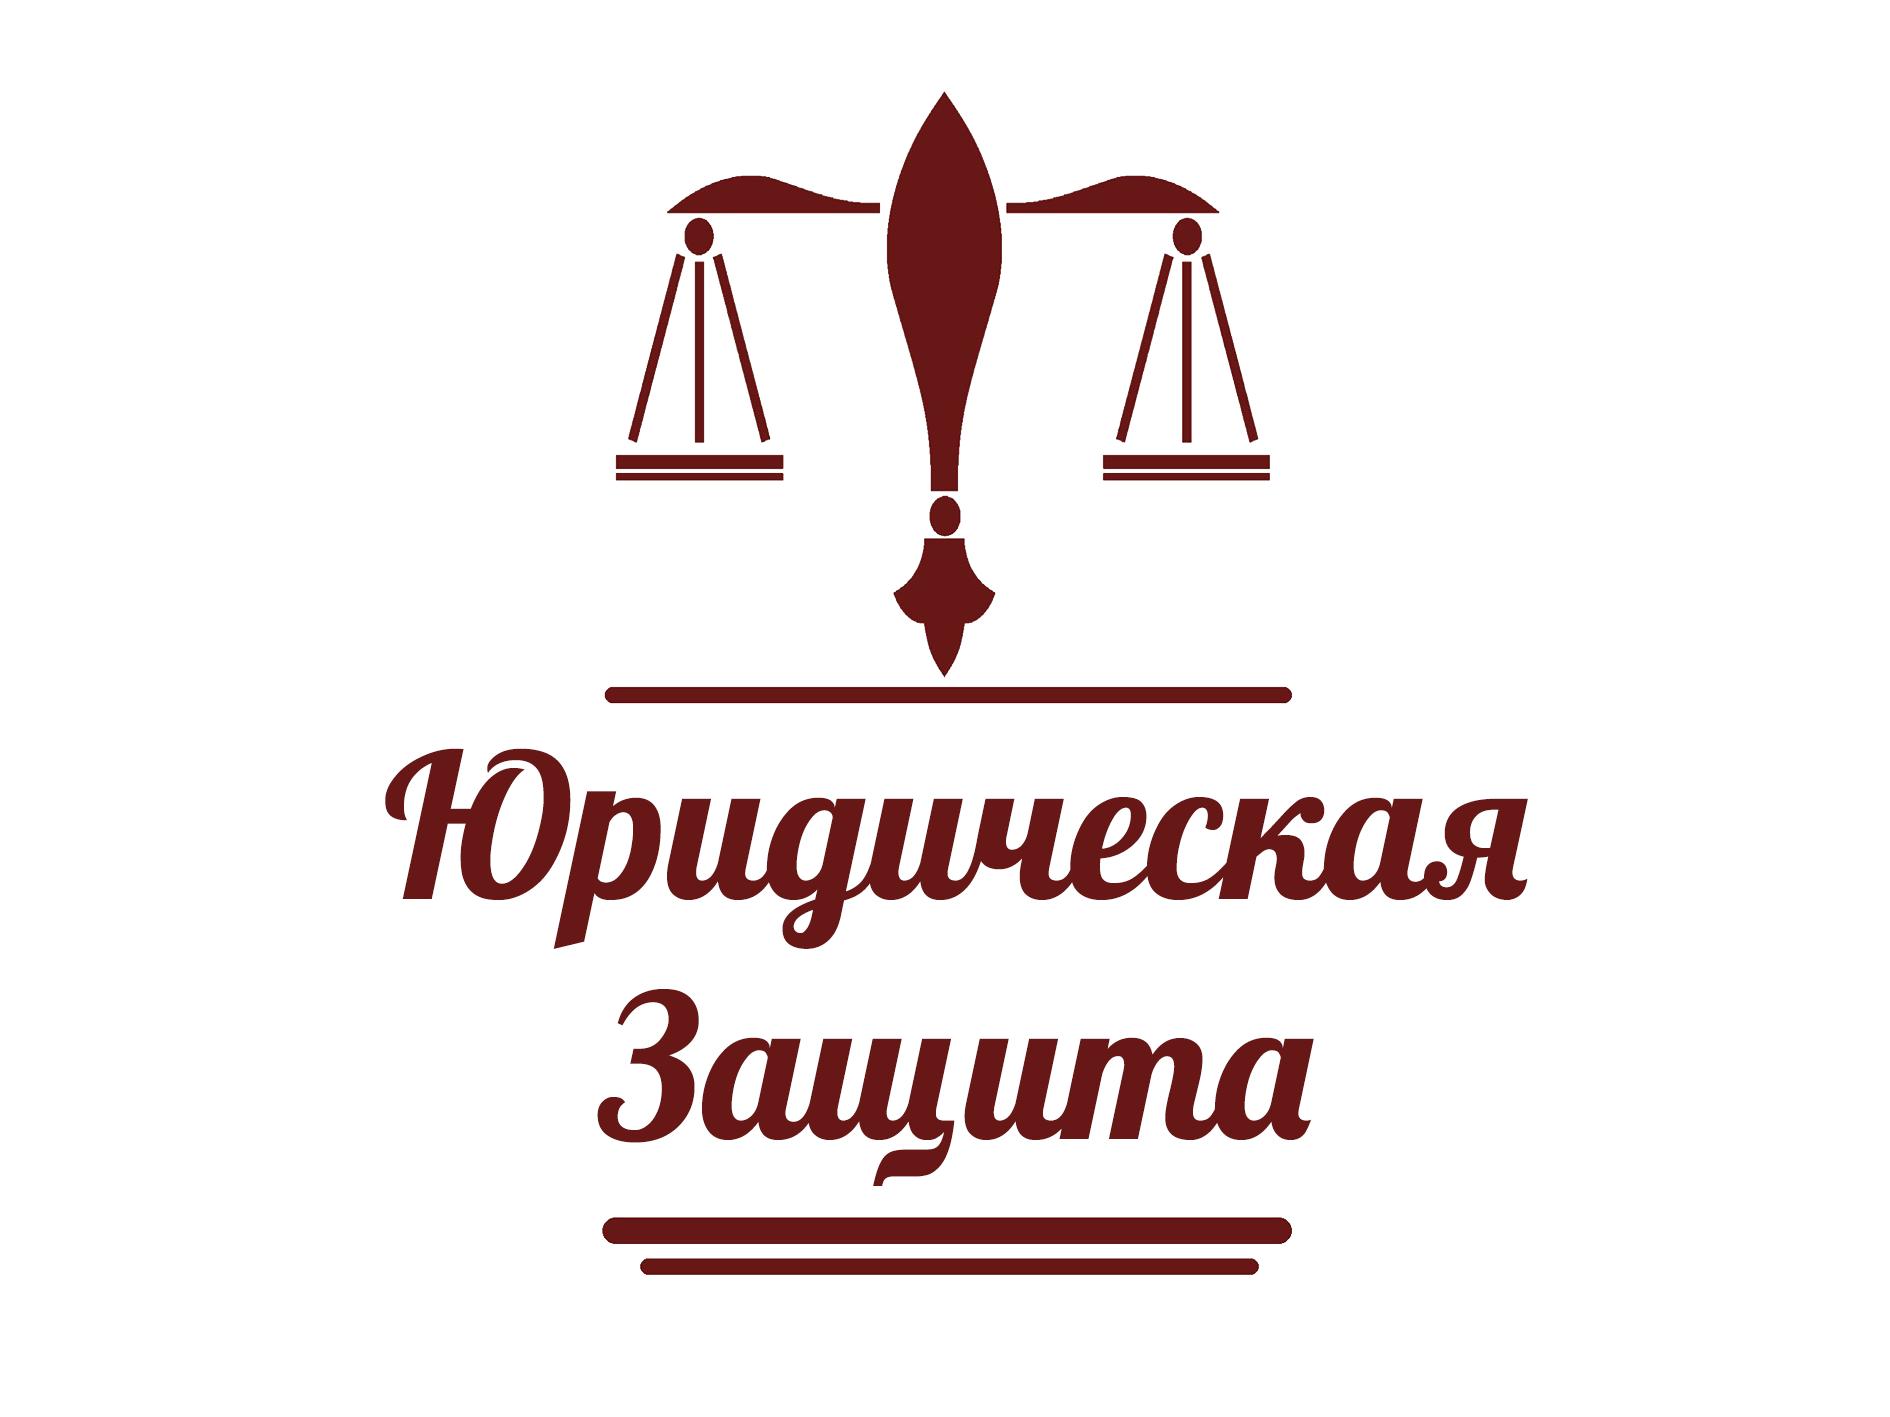 Разработка логотипа для юридической компании фото f_26555e196e9276b3.png